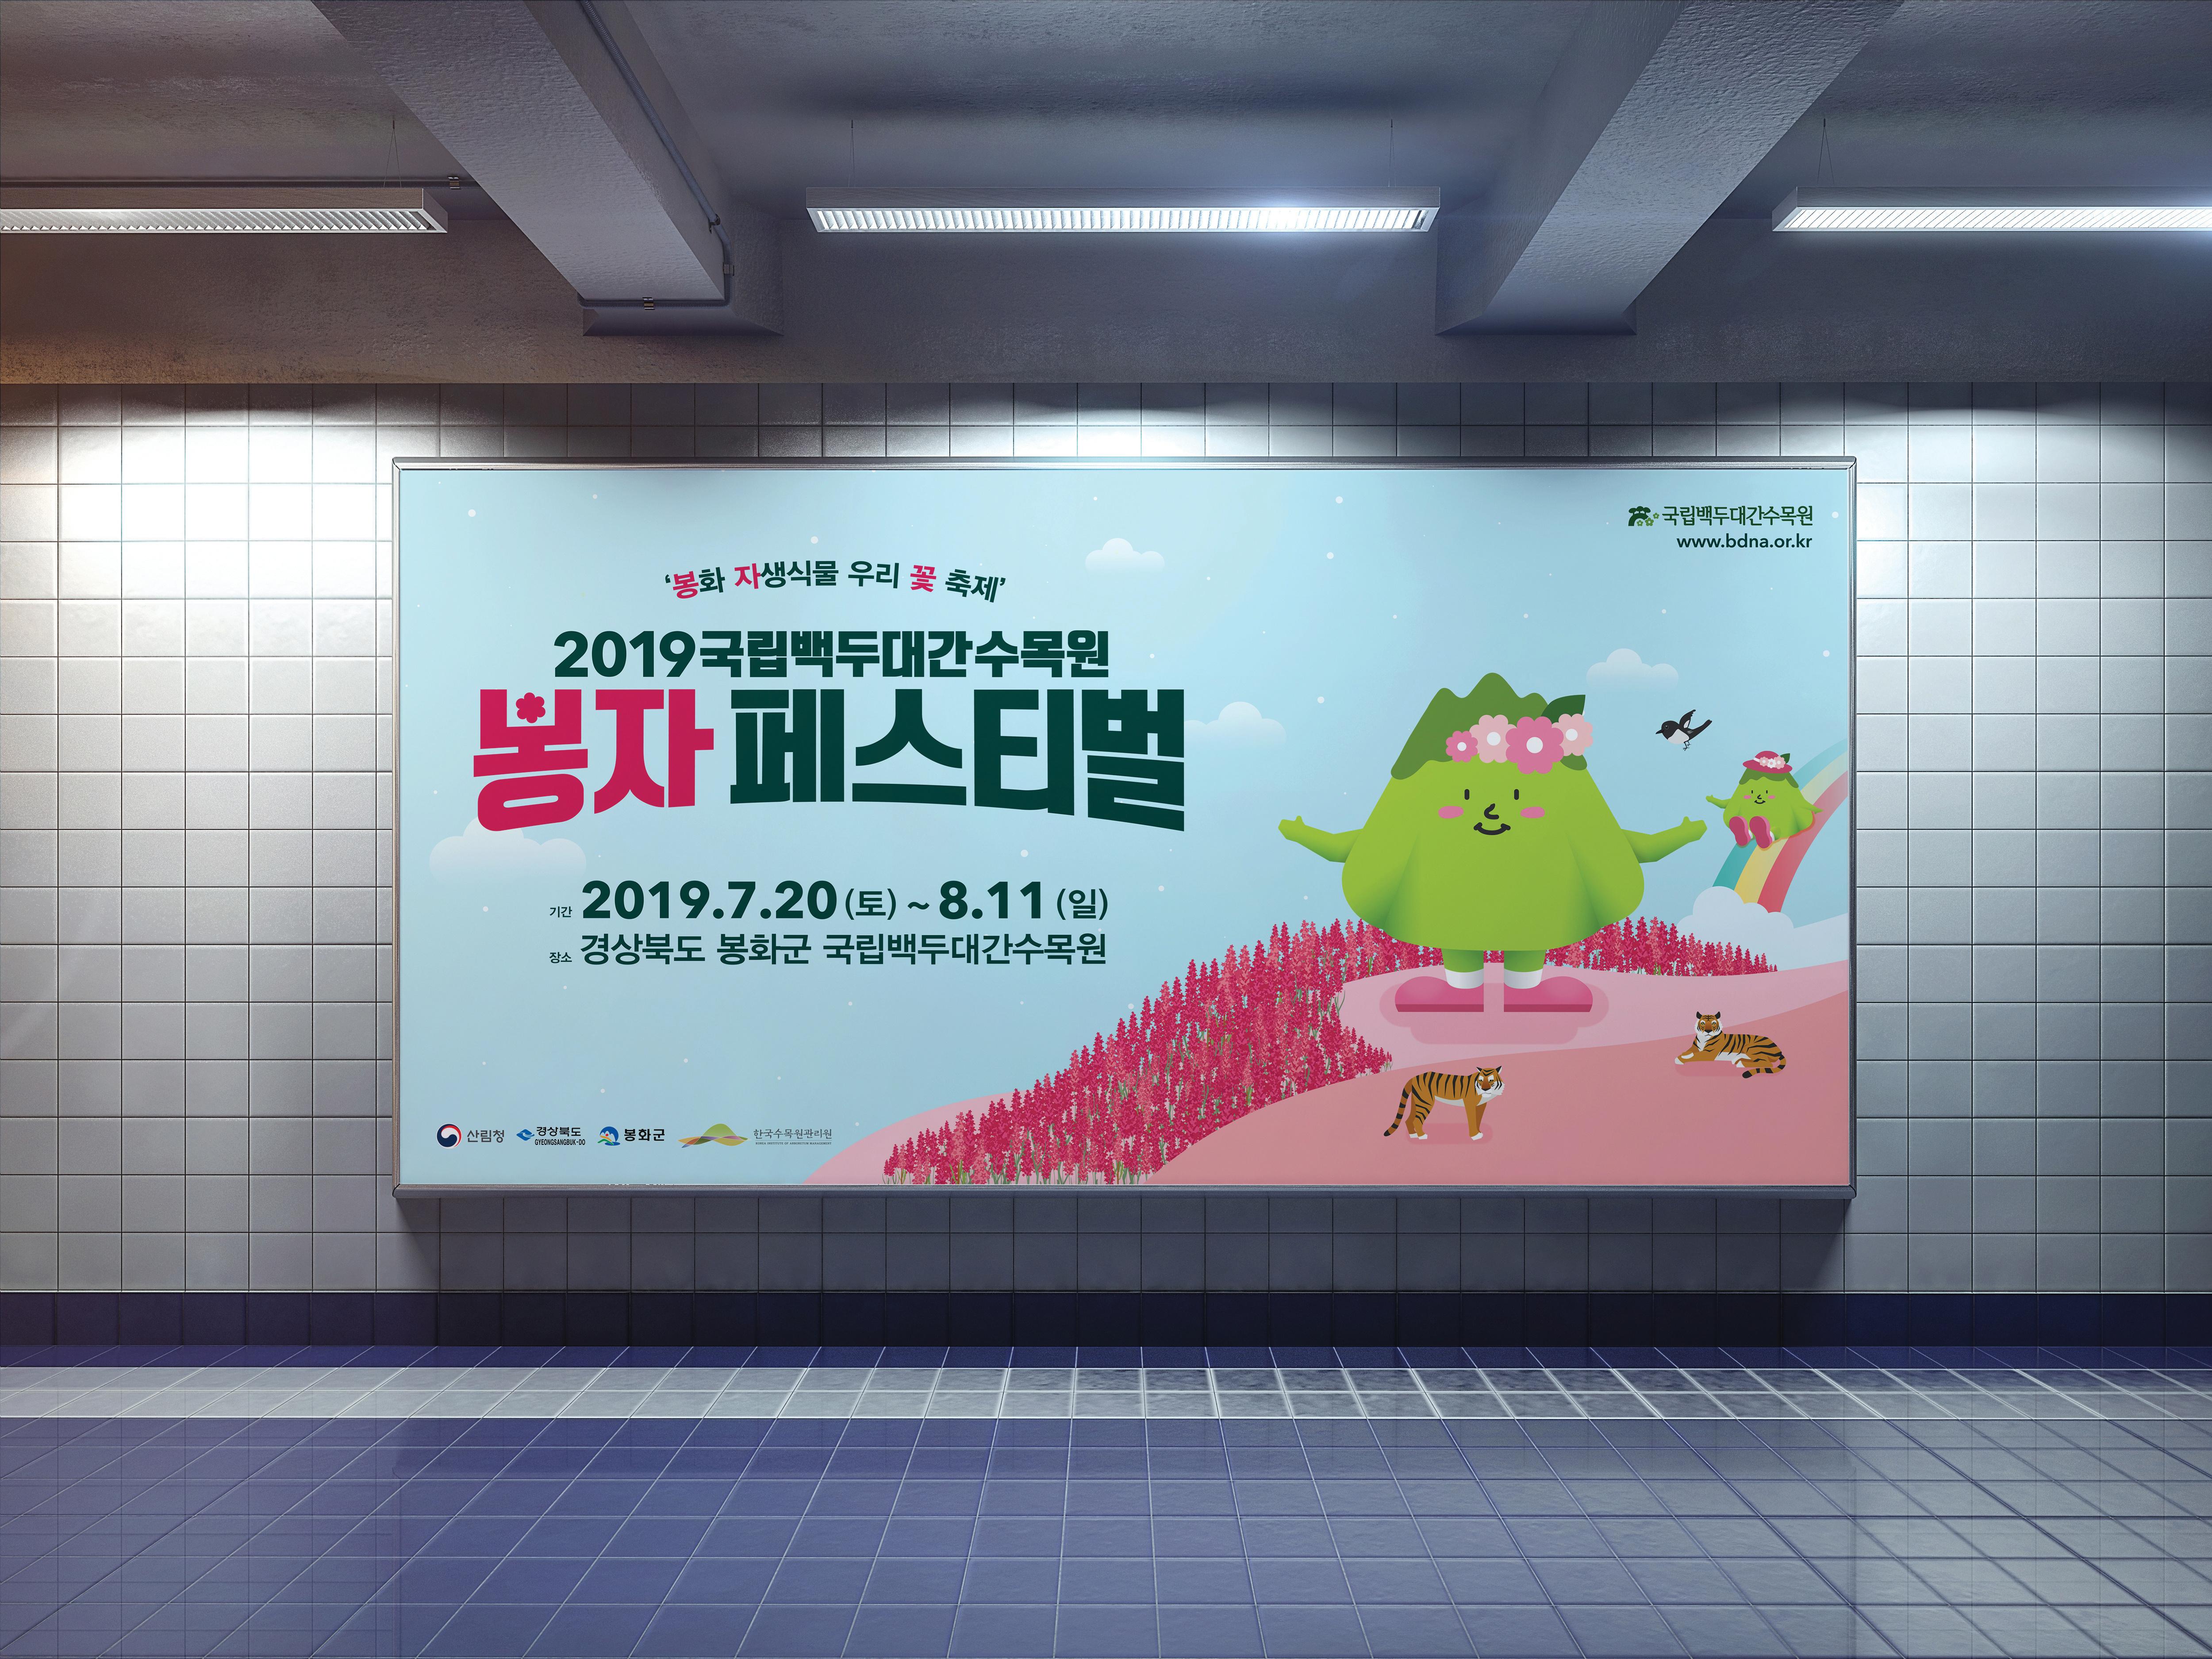 봉자페스티벌_지하철광고_목업 [2019